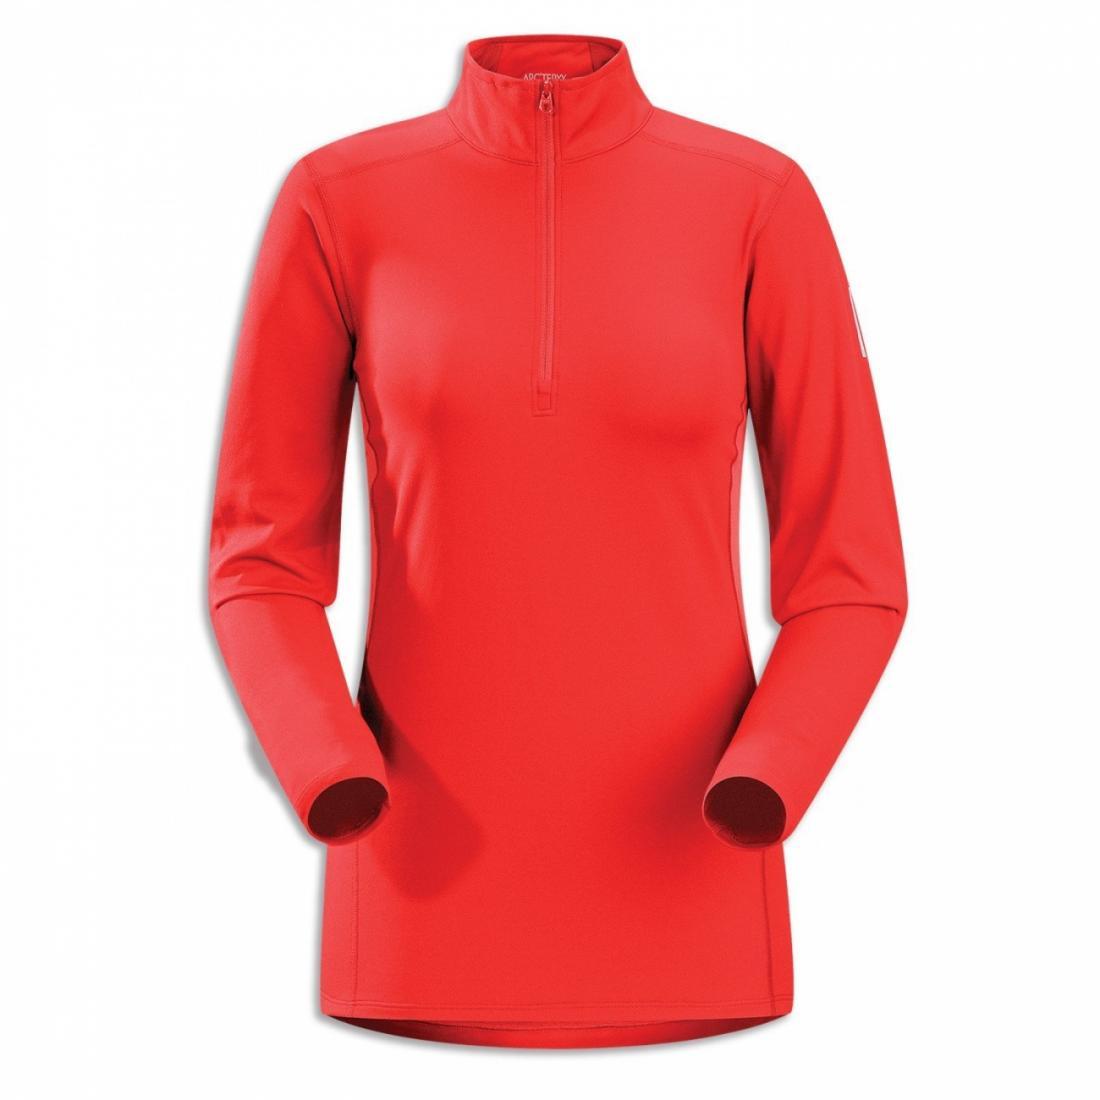 Термобелье футболка Phase AR Zip Neck жен. длин.рукавФутболки<br><br> Футболка-термобелье с длинными рукавами Arcteryx Phase AR для женщин используется в качестве дополнительного утепляющего слоя в морозную погоду. Оно отлично сохраняет тепло, отводит лишнюю влагу с поверхности кожи и дарит комфорт благодаря анатомич...<br><br>Цвет: Красный<br>Размер: L